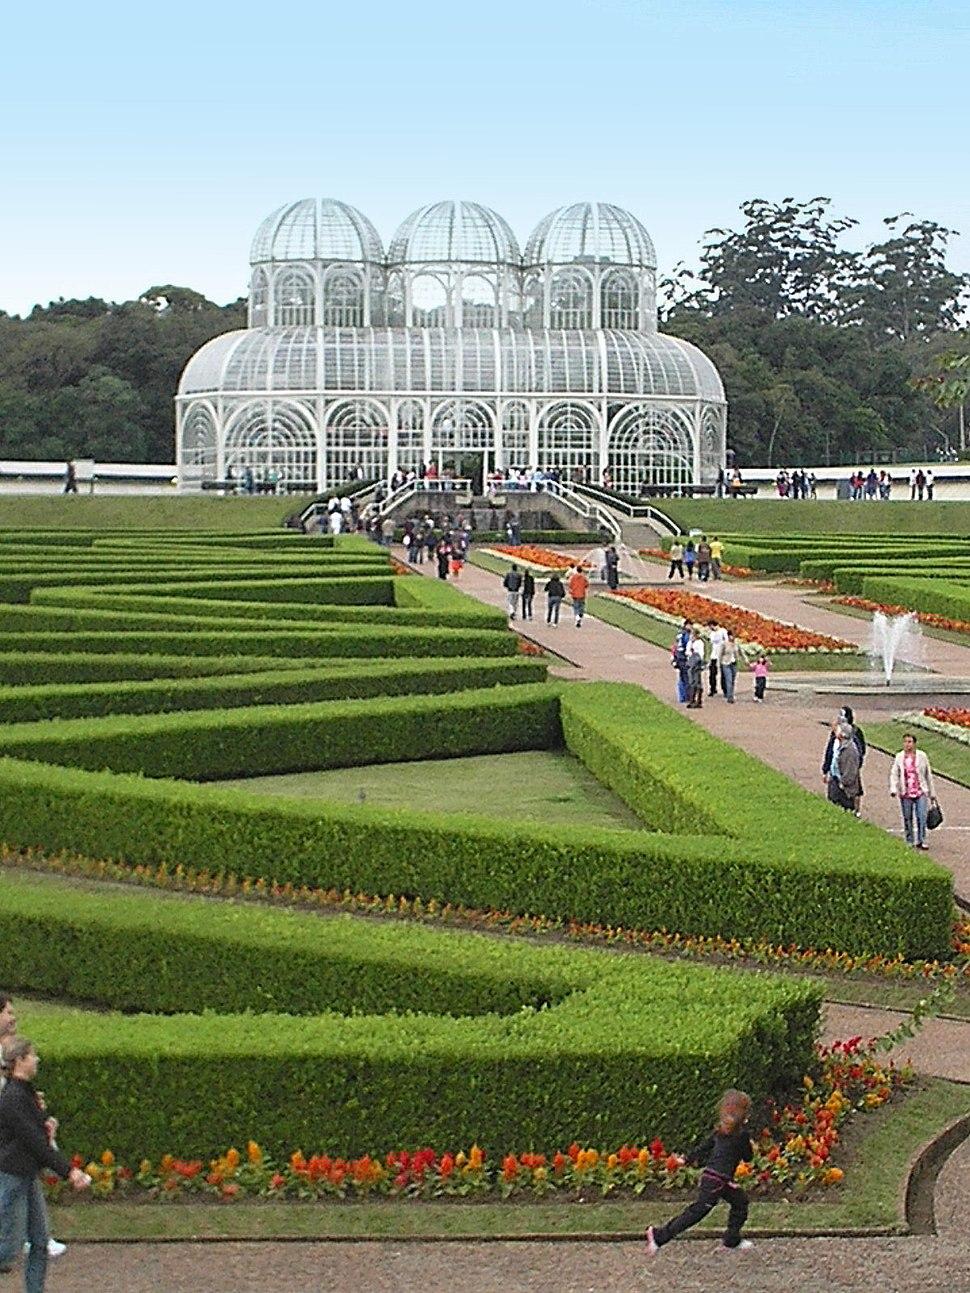 'JardimBotanico.BotanicalGarden.CuritibaParanaBrasilBrazil